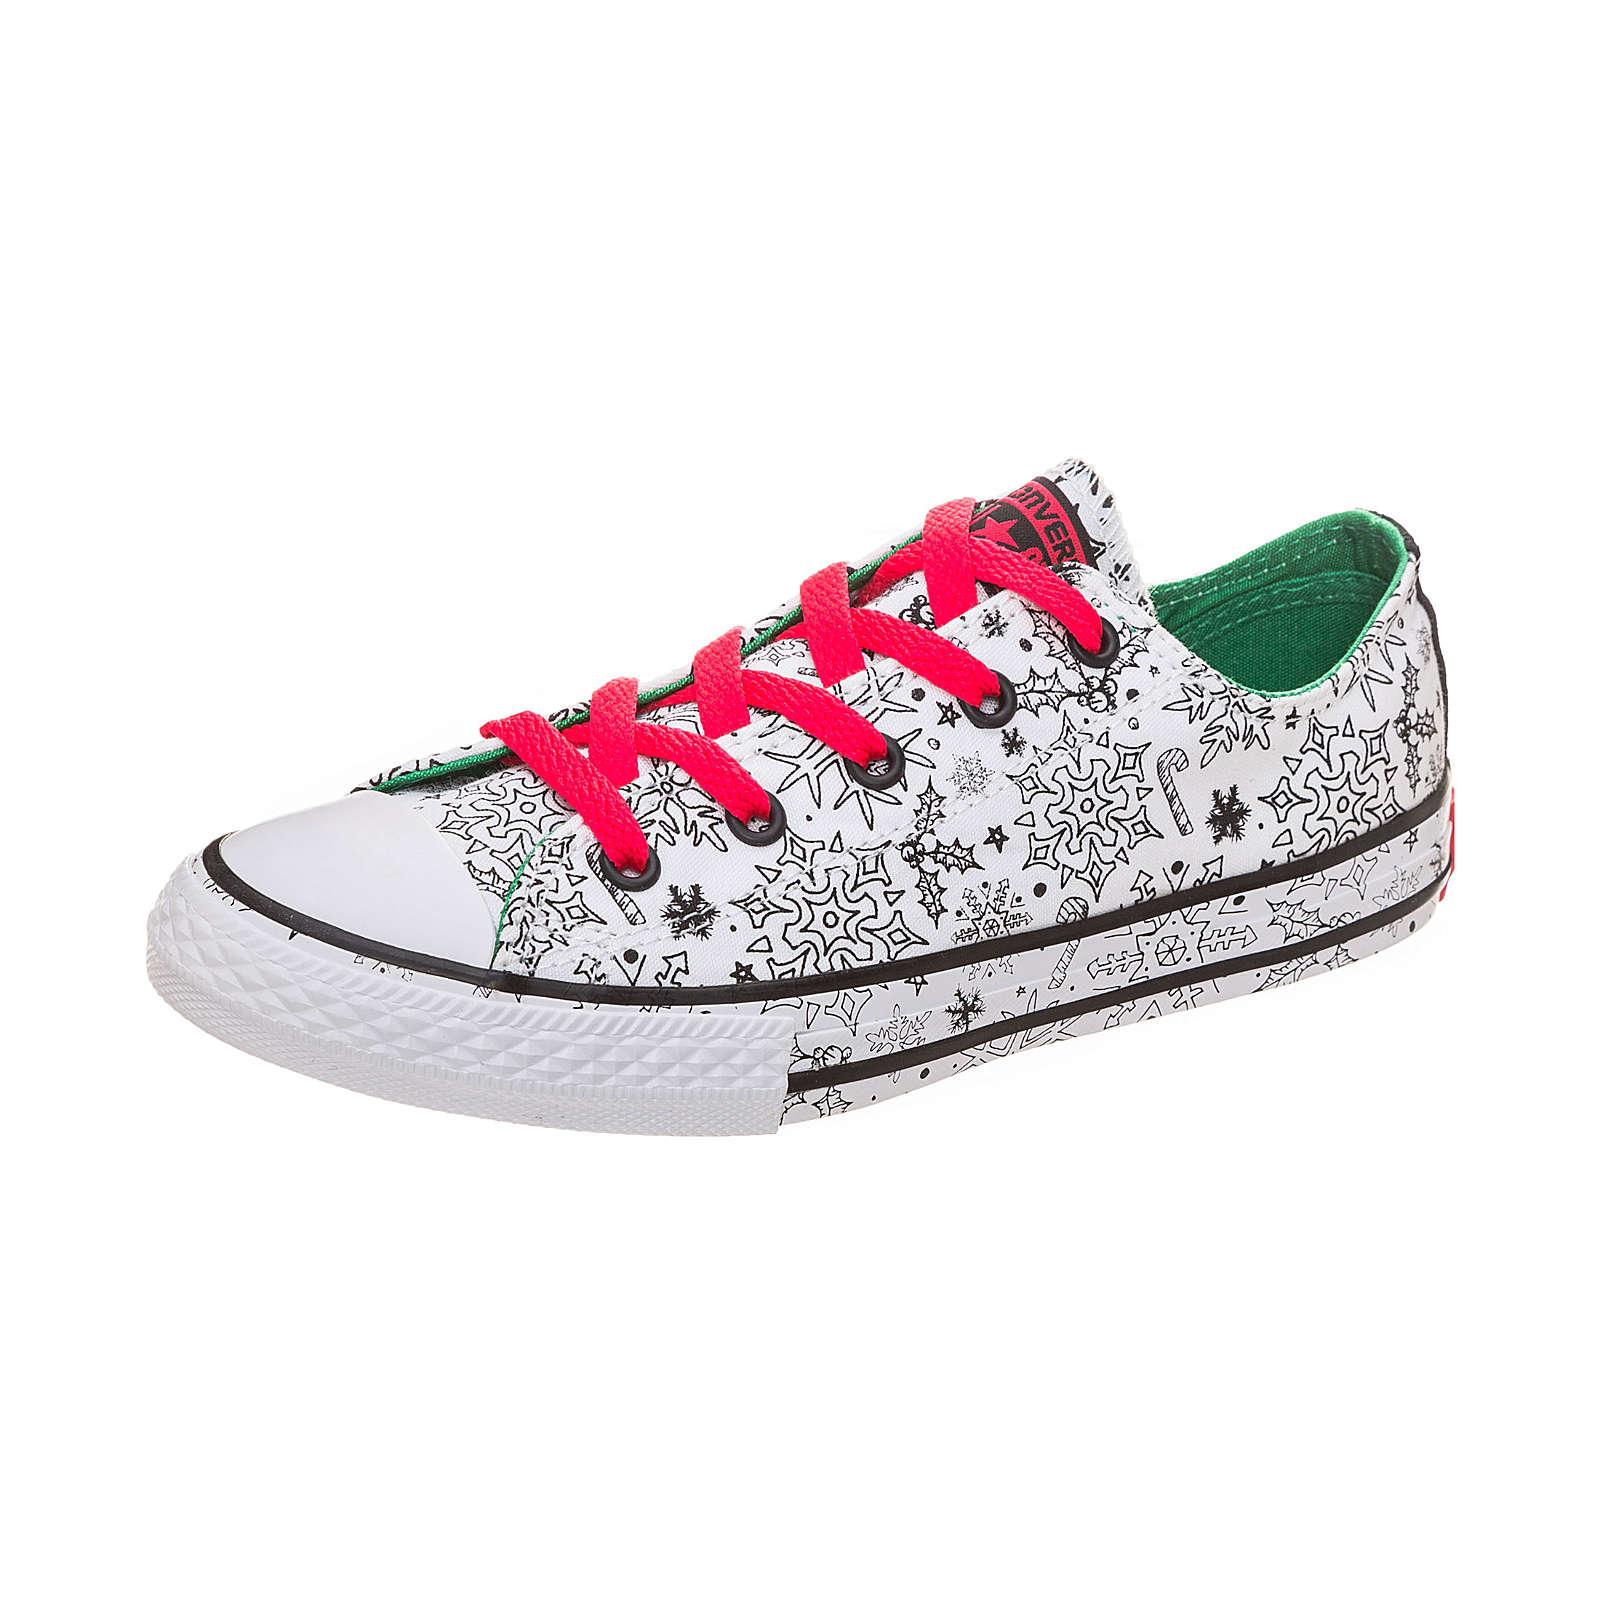 CONVERSE Kinder Sneakers Low mit Schnürverschluss weiß Gr. 31